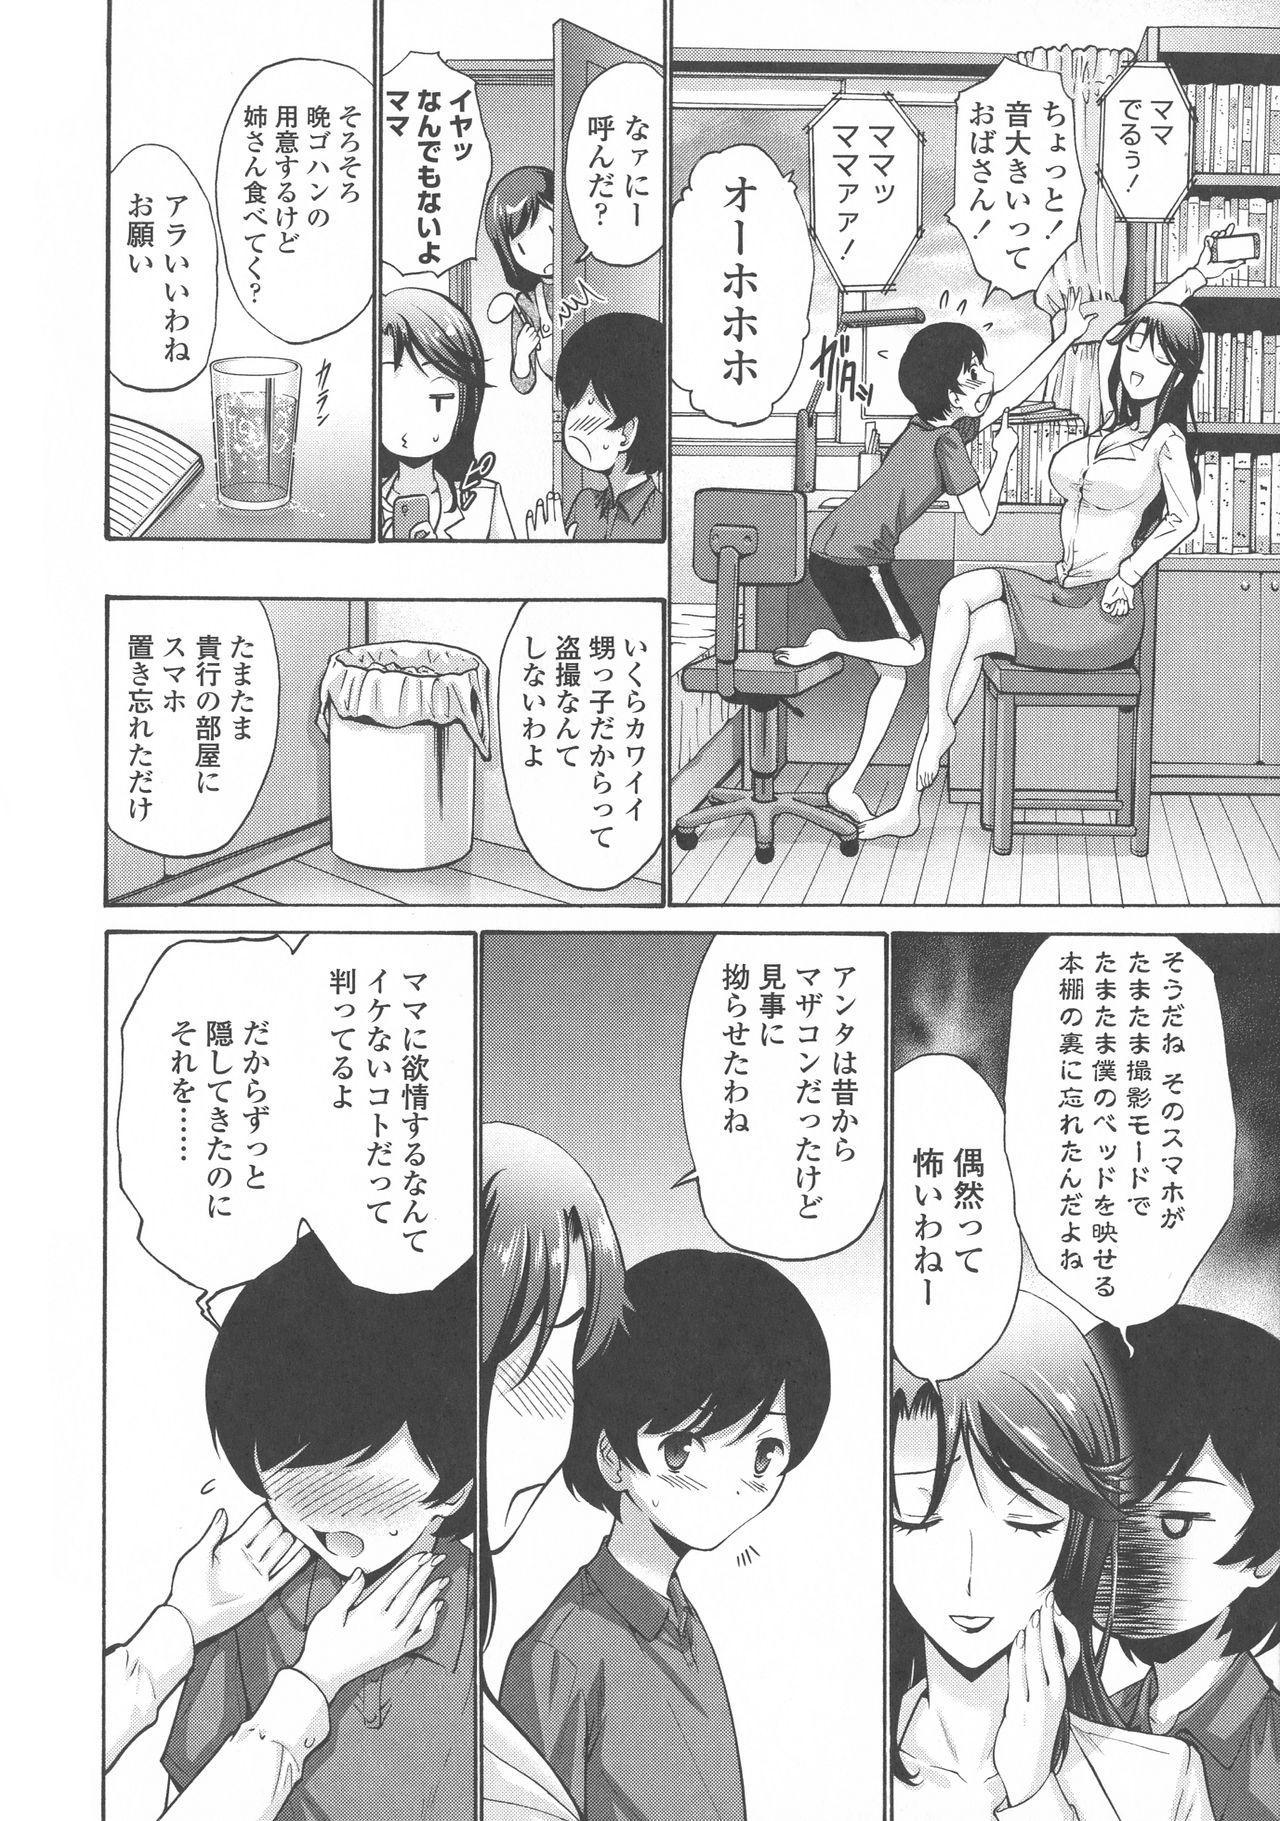 Tomodachi no Haha wa Boku no Mono - His Mother is My Love Hole 112